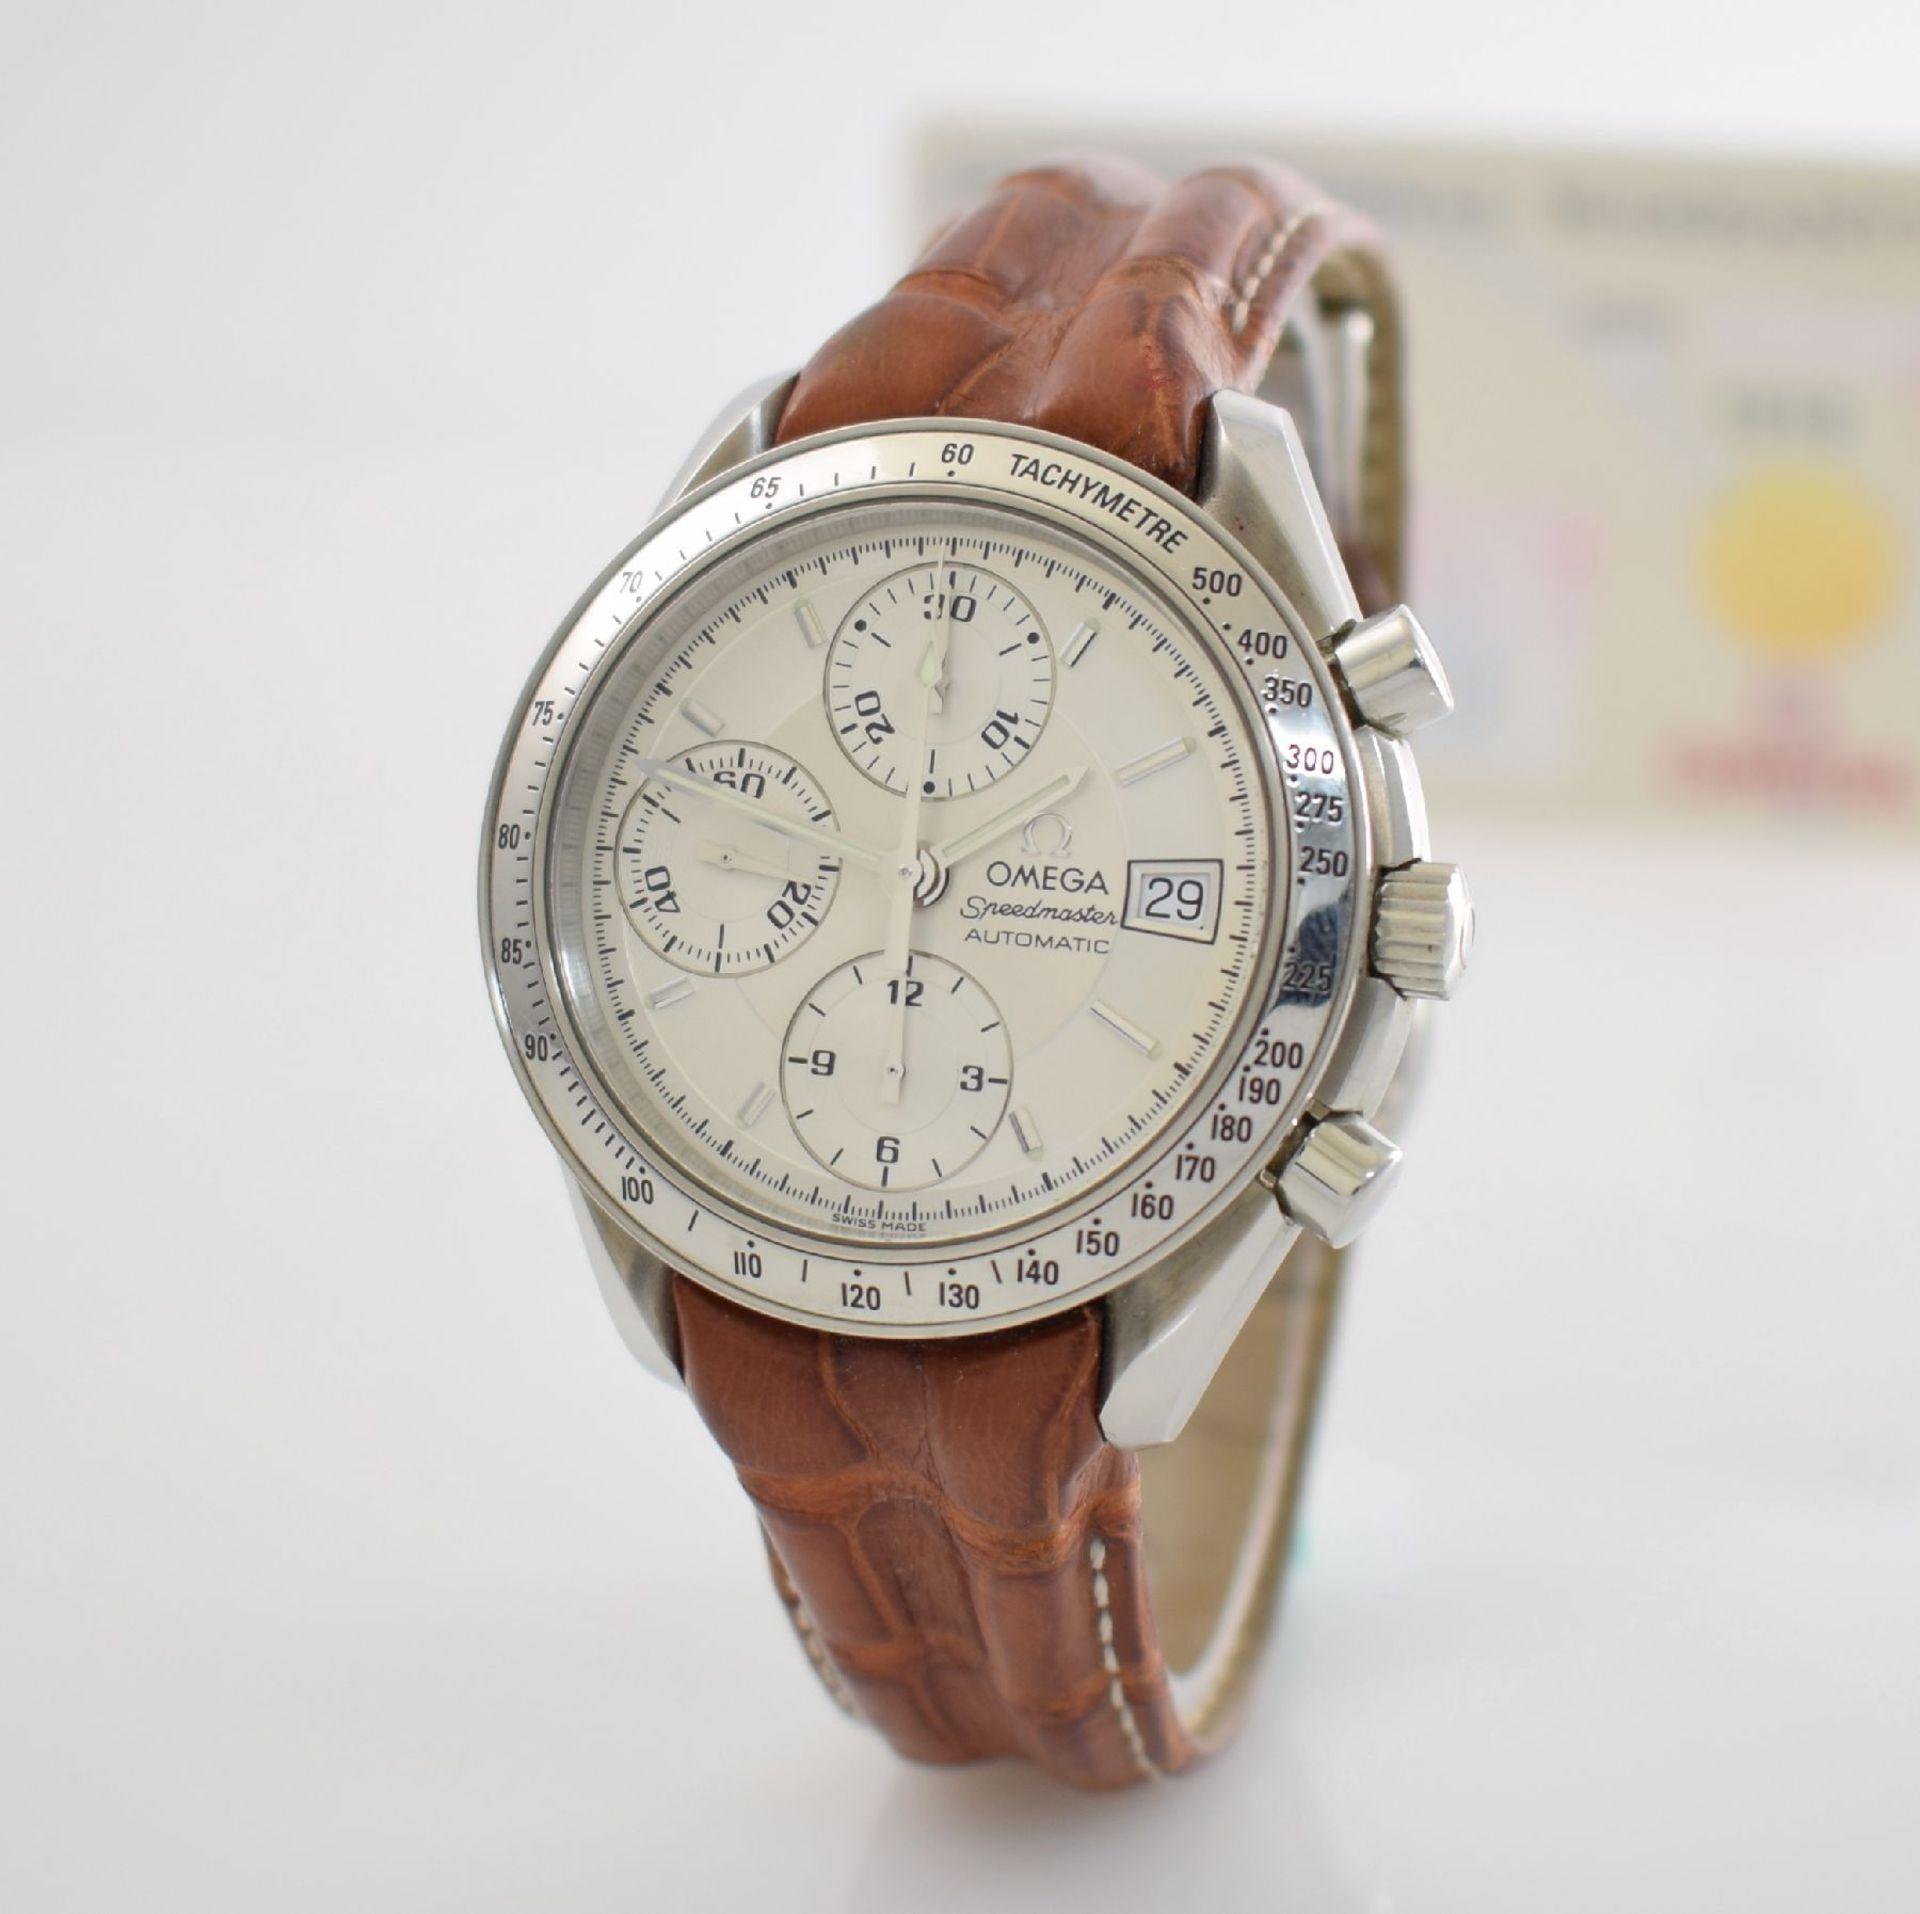 OMEGA Armbandchronograph Serie Speedmaster, Automatik, Schweiz um 1998, Ref. 1750083/3750083, - Bild 4 aus 8